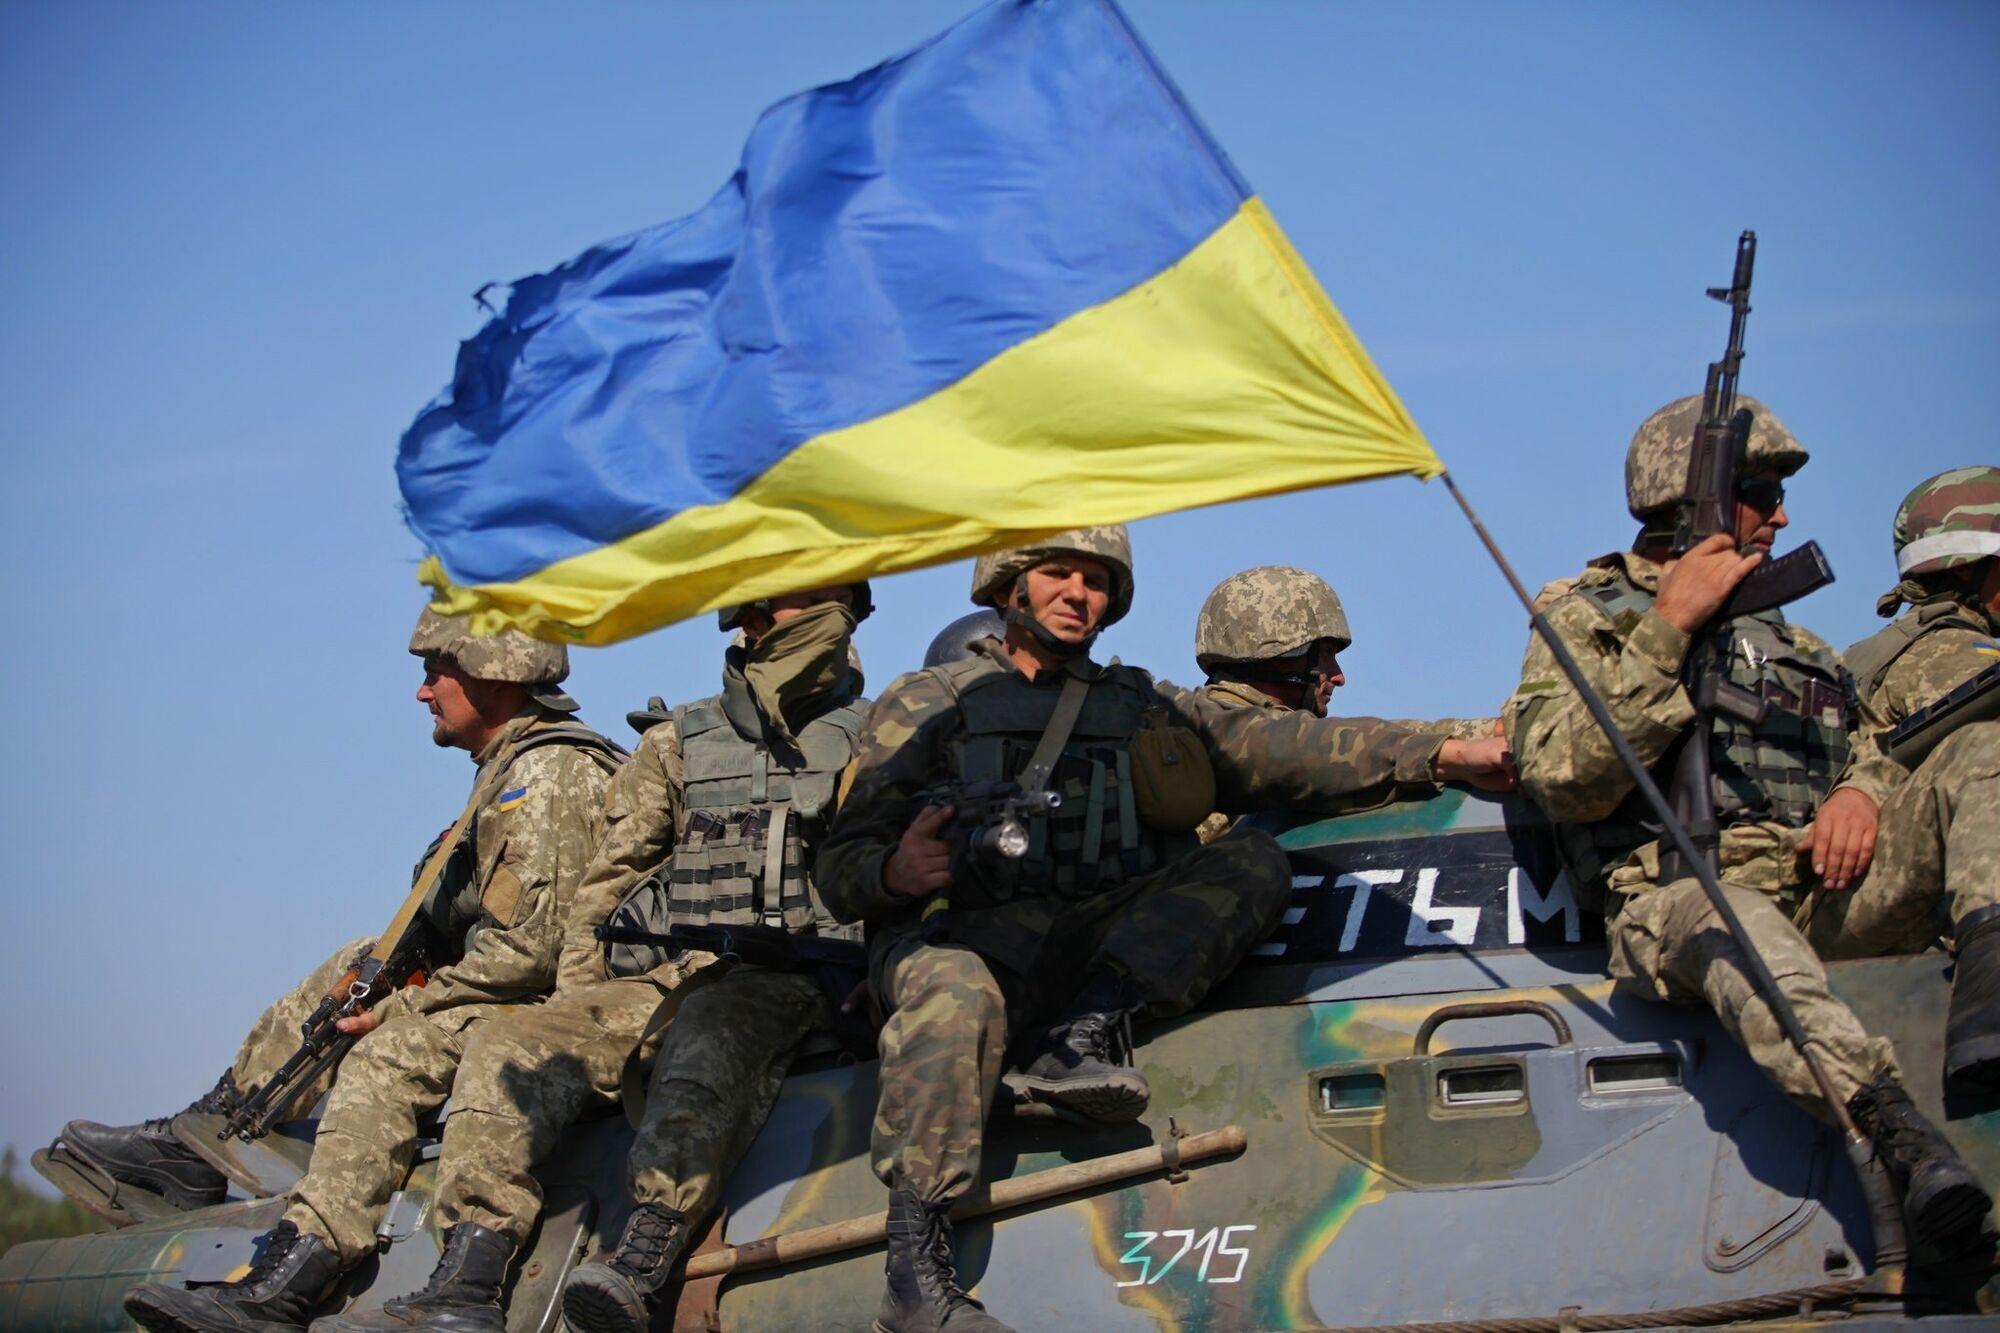 День защитника Украины был основан 14 октября 2014 указом президента Петра Порошенко